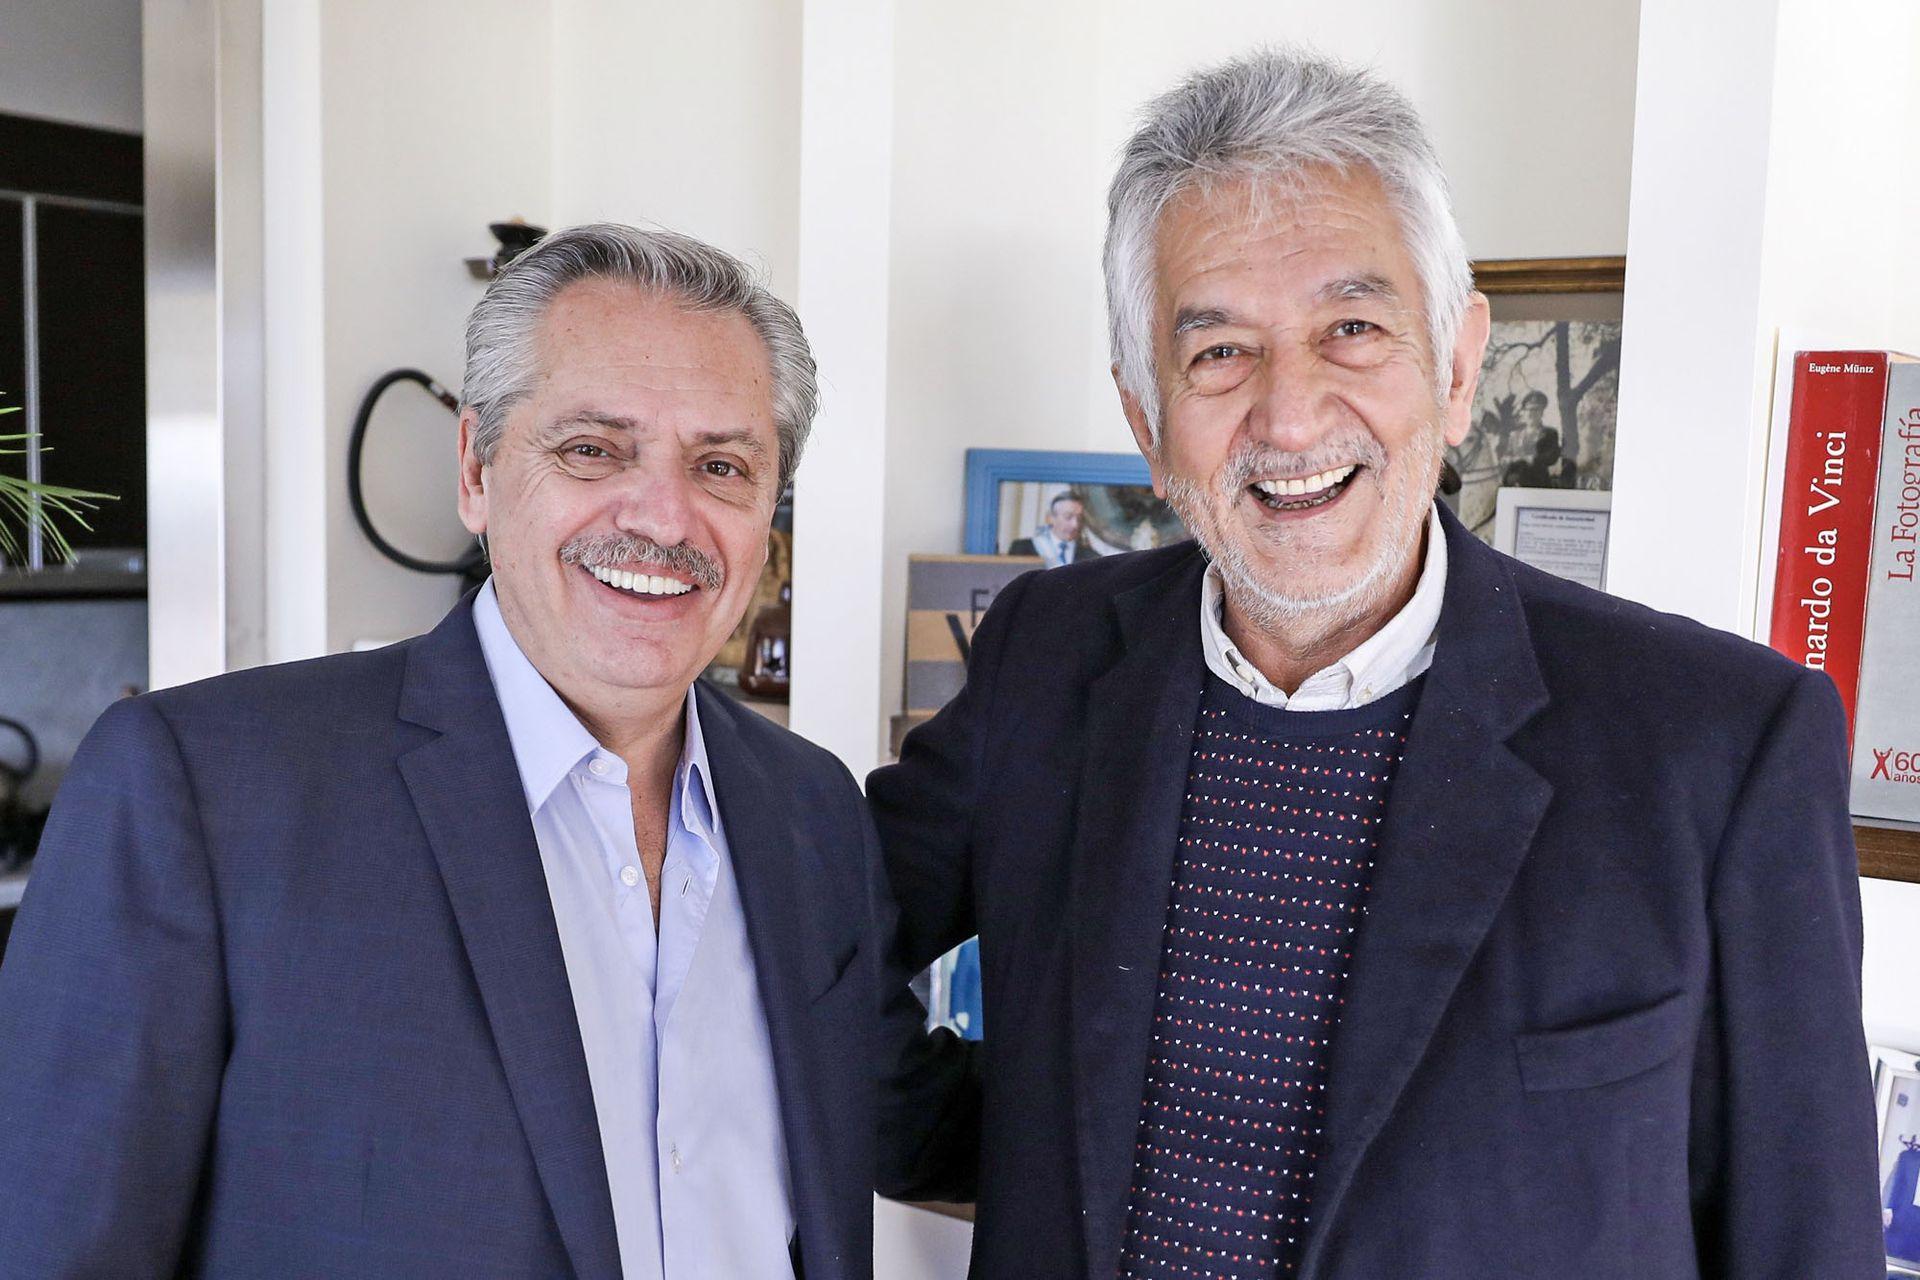 Alberto Fernández posa junto al puntano Alberto Rodríguez Saá el 24 de julio de 2019